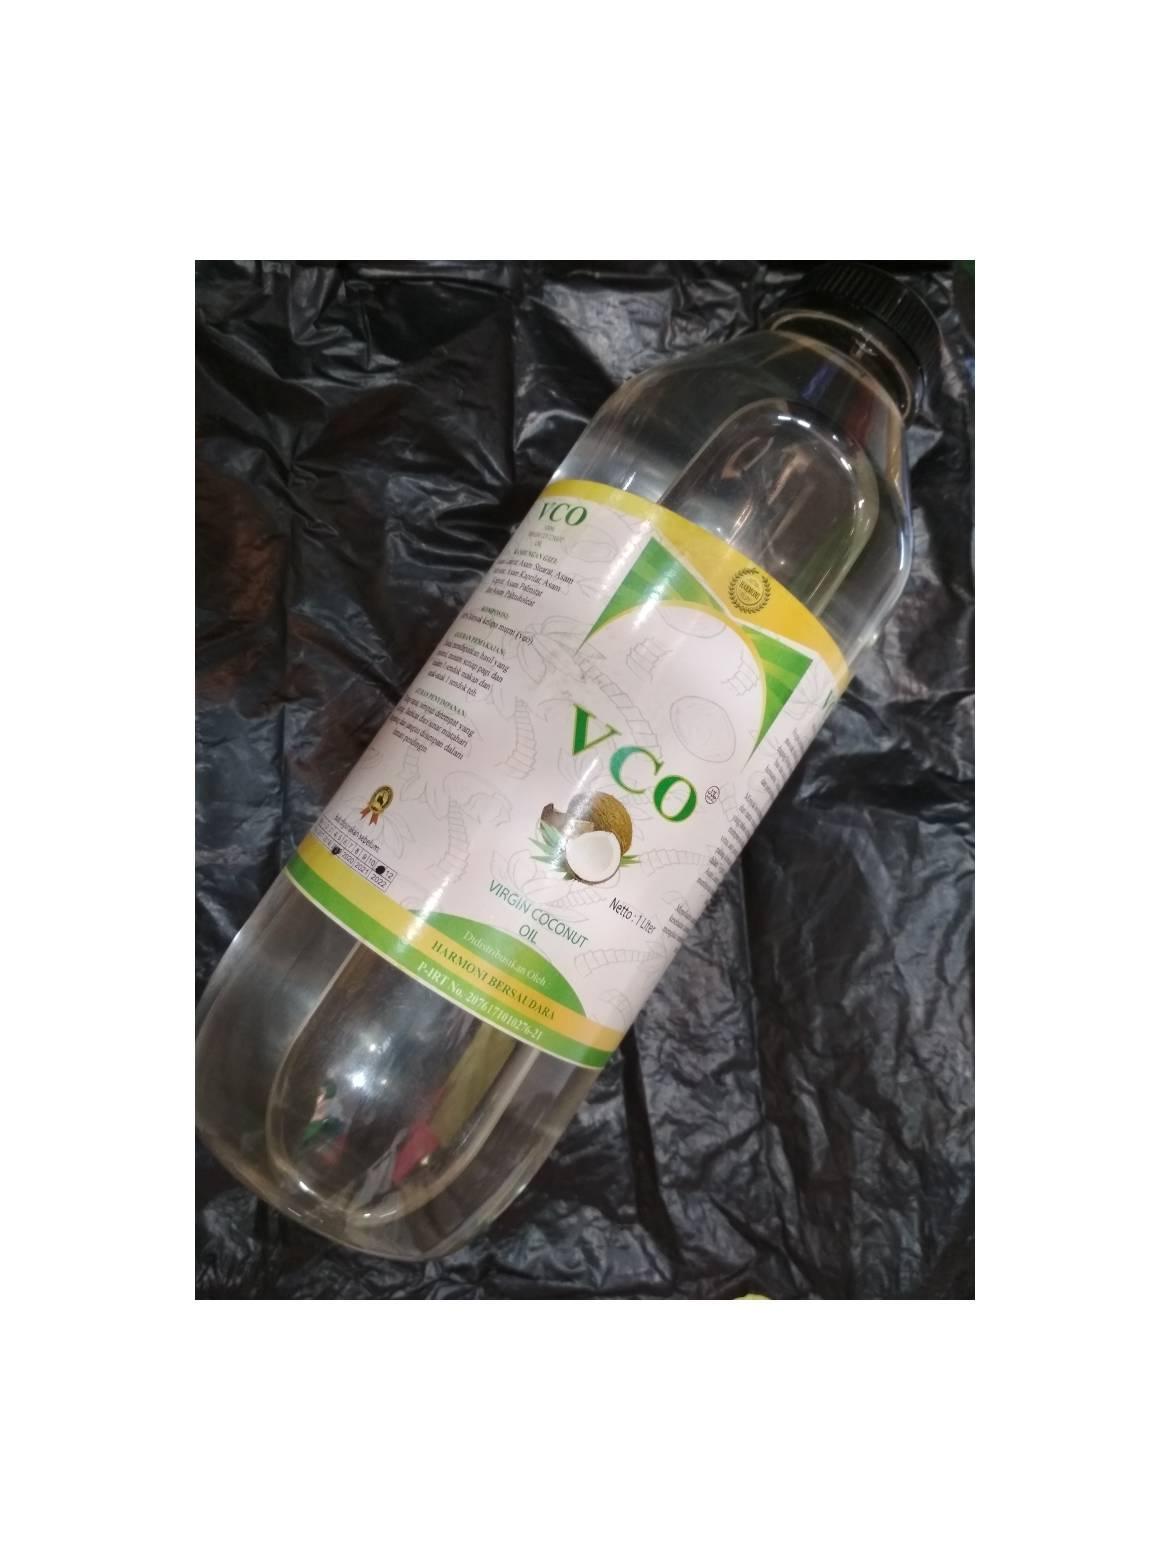 Katalog Harga Minyak Kelapa Per Liter Termurah Di Update Vco Virgin Coconut Oil Vico By Bagoes 1